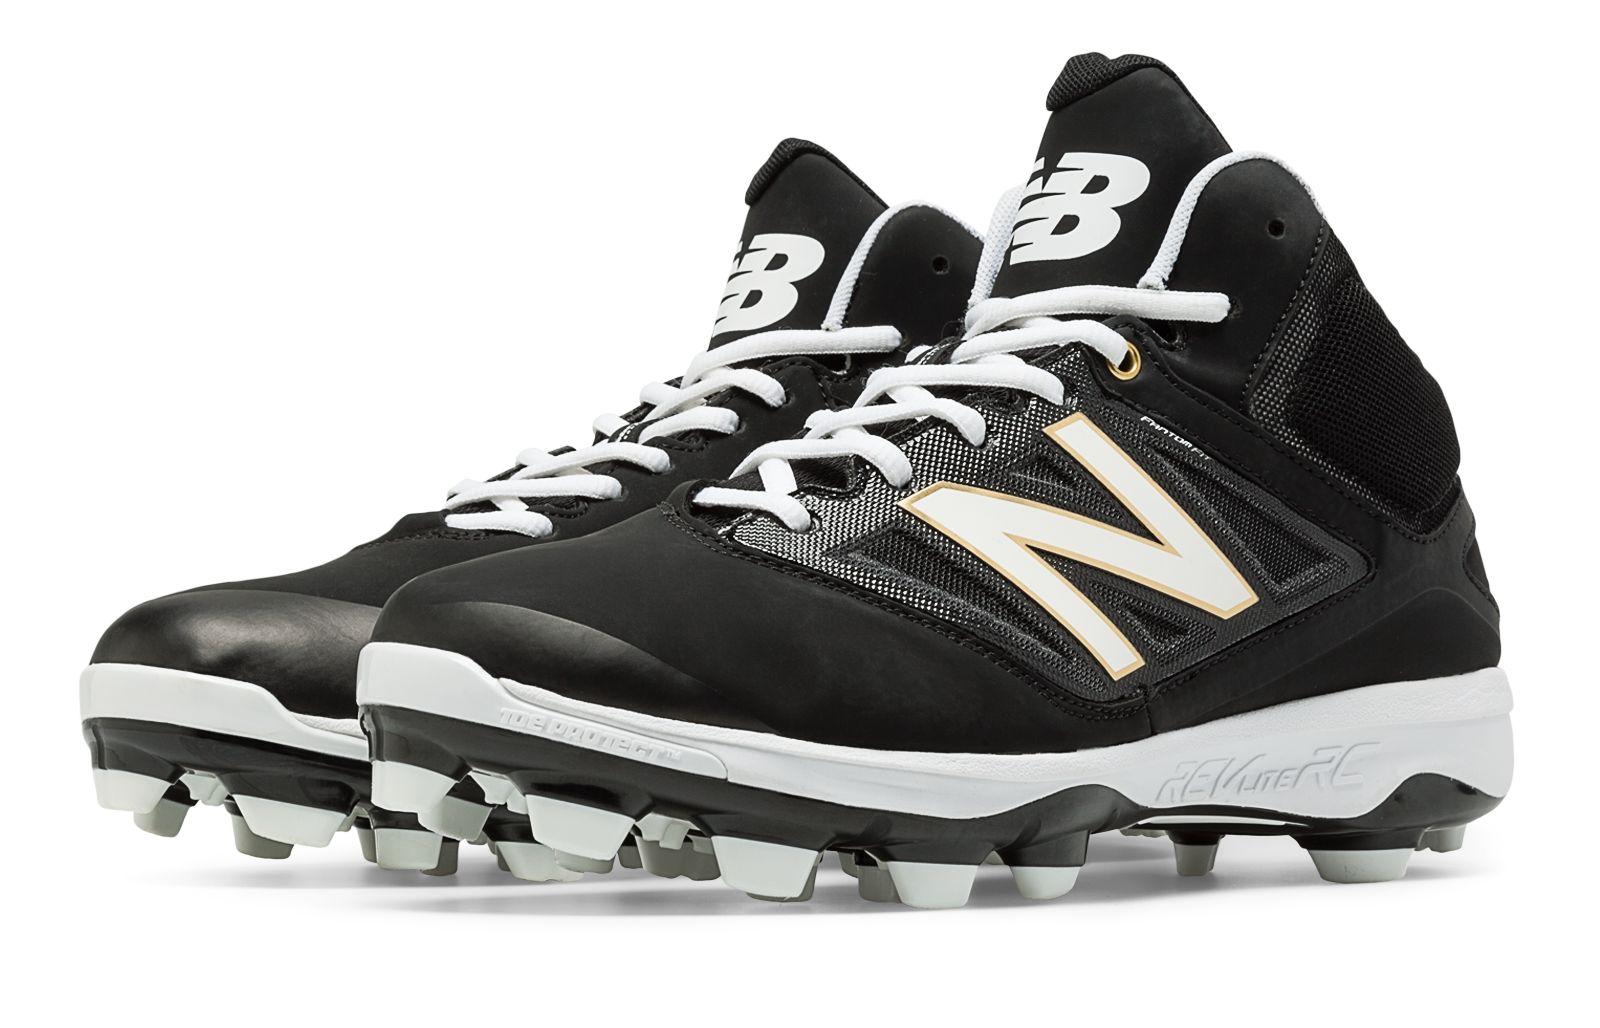 New Balance Mid Cut 4040v2 Tpu Molded Cleat Mens Shoes Black